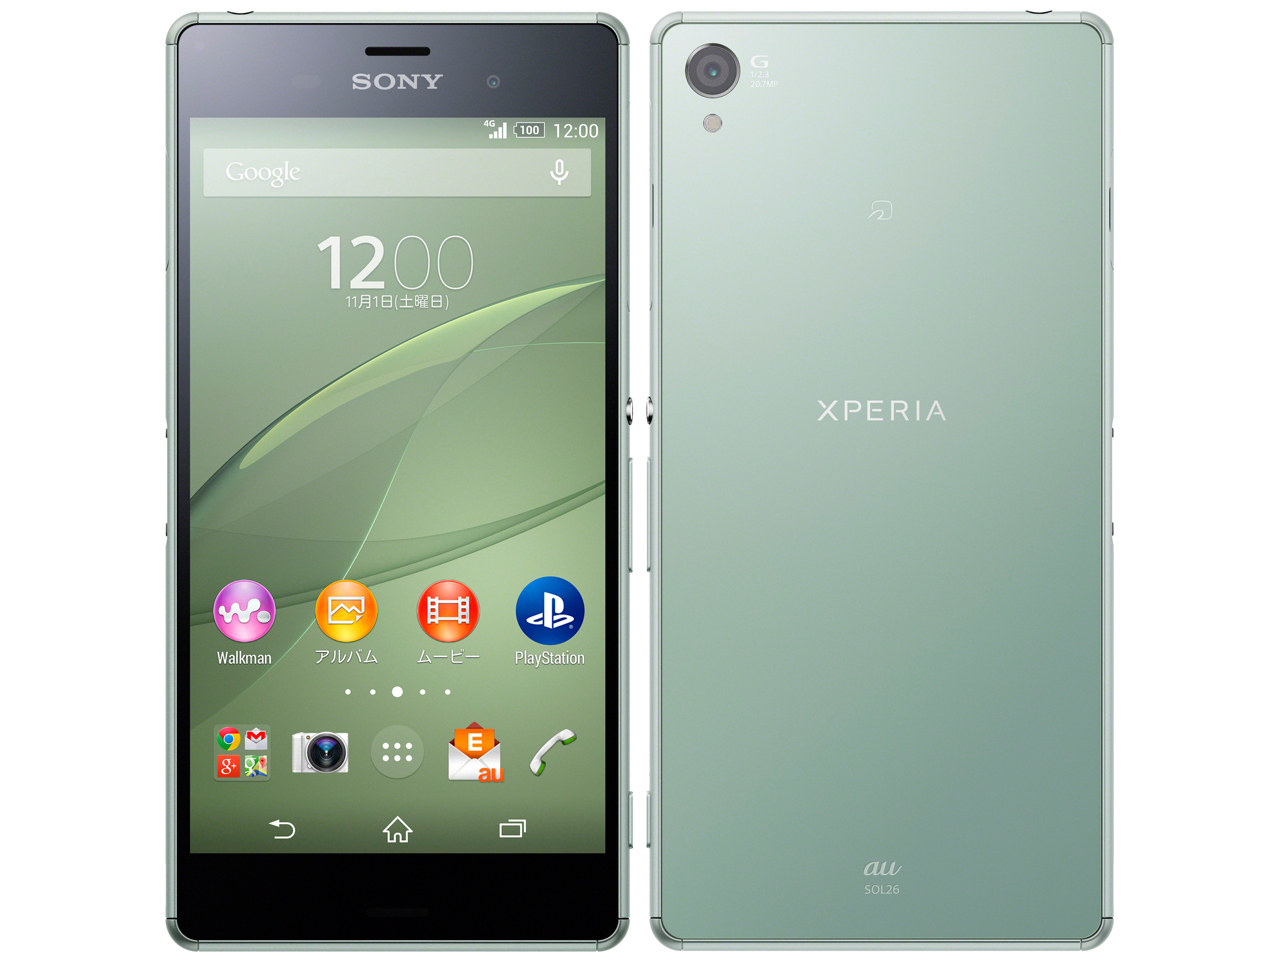 【新品・白ロム・本体】AU Xperia Z3 SOL26 シルバーグリーン スマートフォン 携帯電話 SOL26 シルバーグリーン sol26